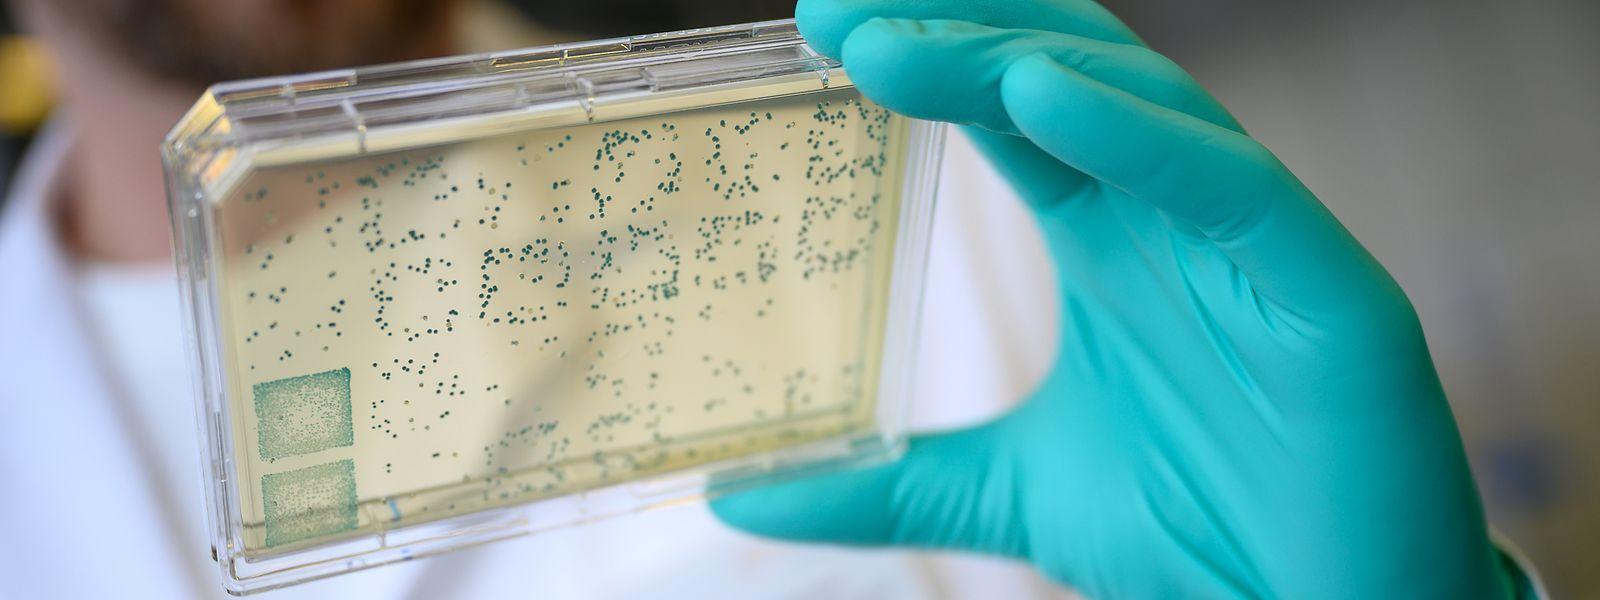 Für den Kampf gegen das Corona-Virus ist es entscheidend, dass Forscher die Funktionsweise und die Muster der Verbreitung besser verstehen.